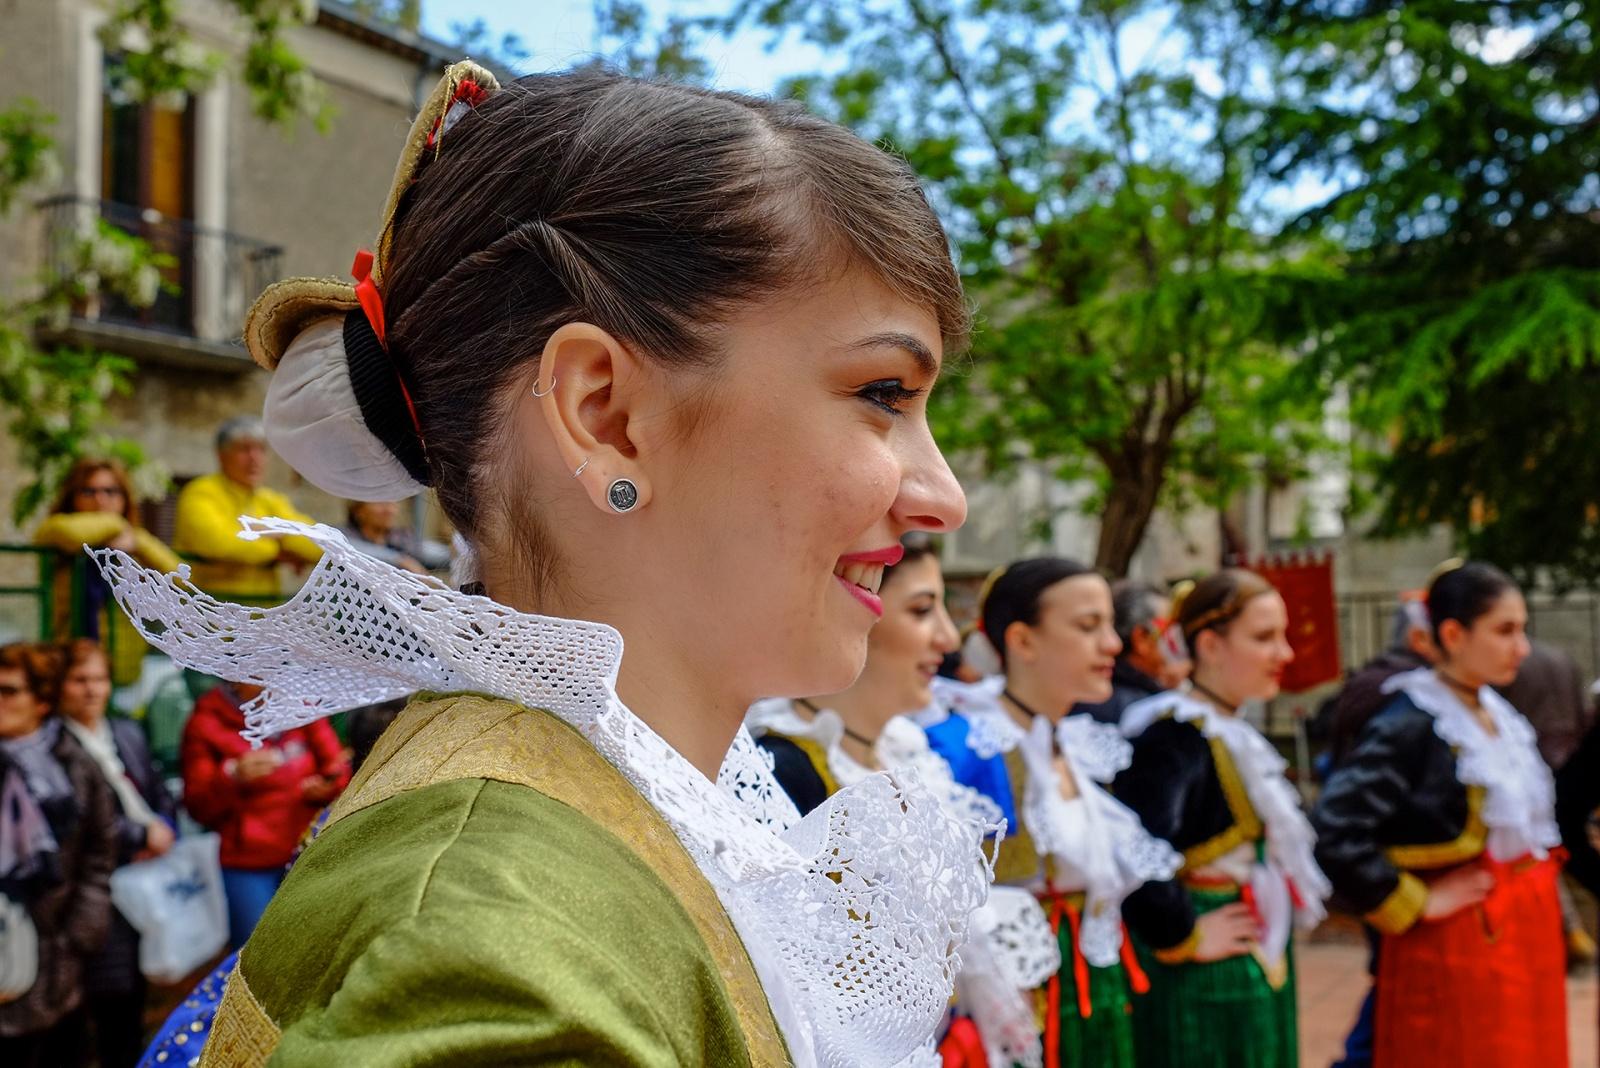 Particolare di un tipico costume tradizionale albanese. © Carla Cantore.